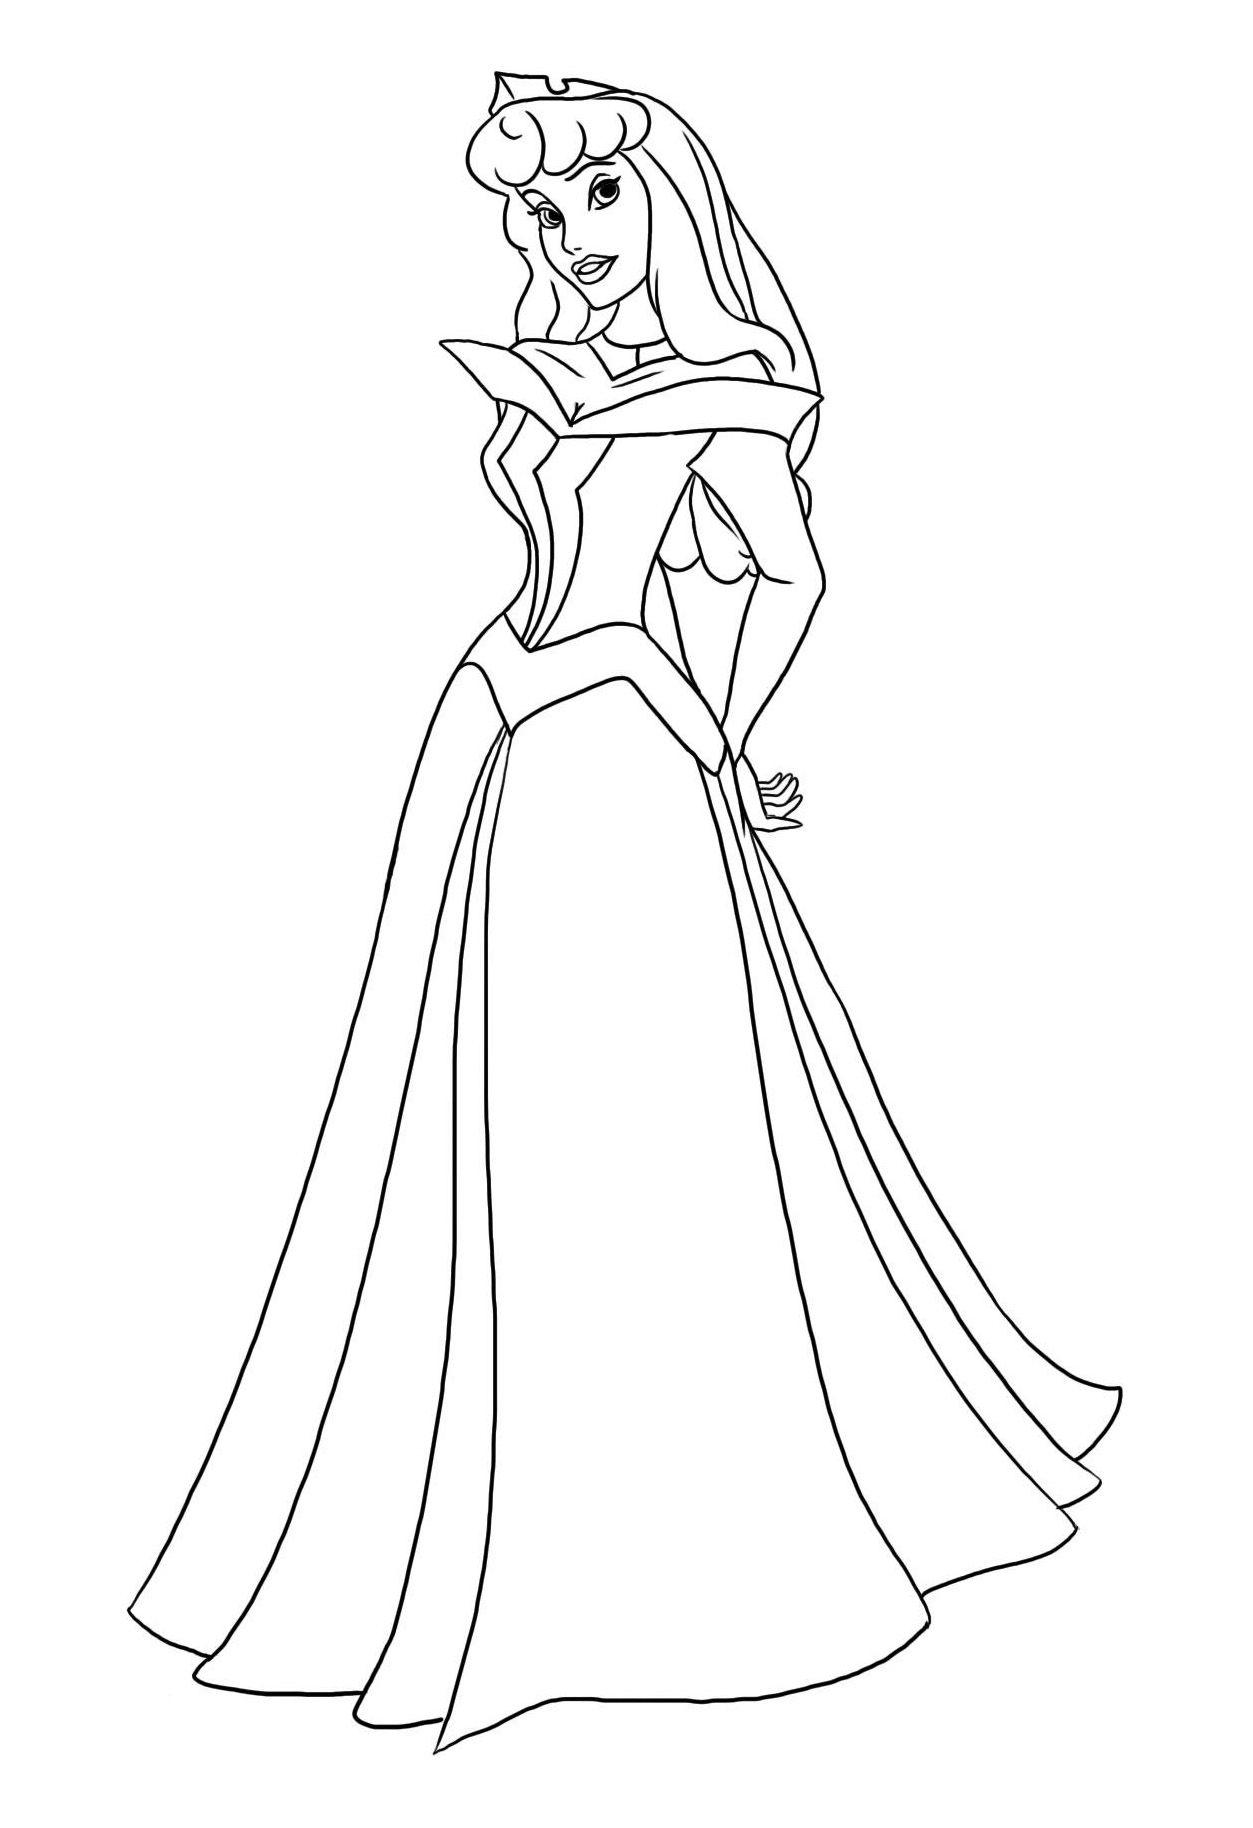 Coloriage Princesse À Colorier - Dessin À Imprimer encequiconcerne Coloriage Princesse Disney